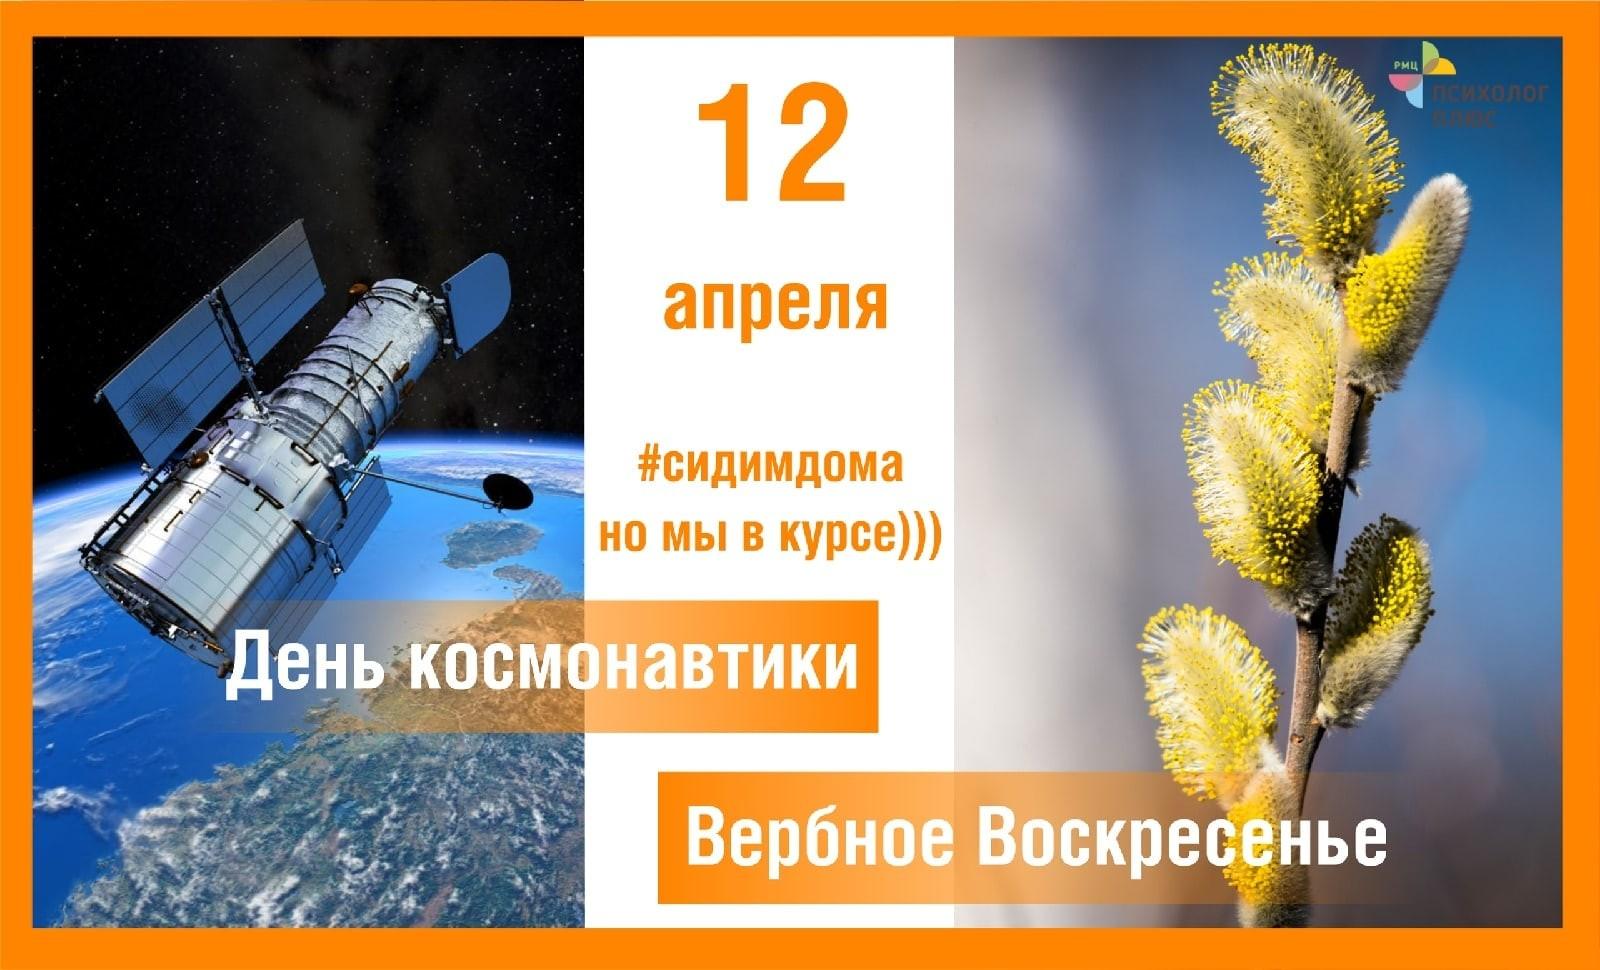 12 апреля мы празднуем День космонавтики. В